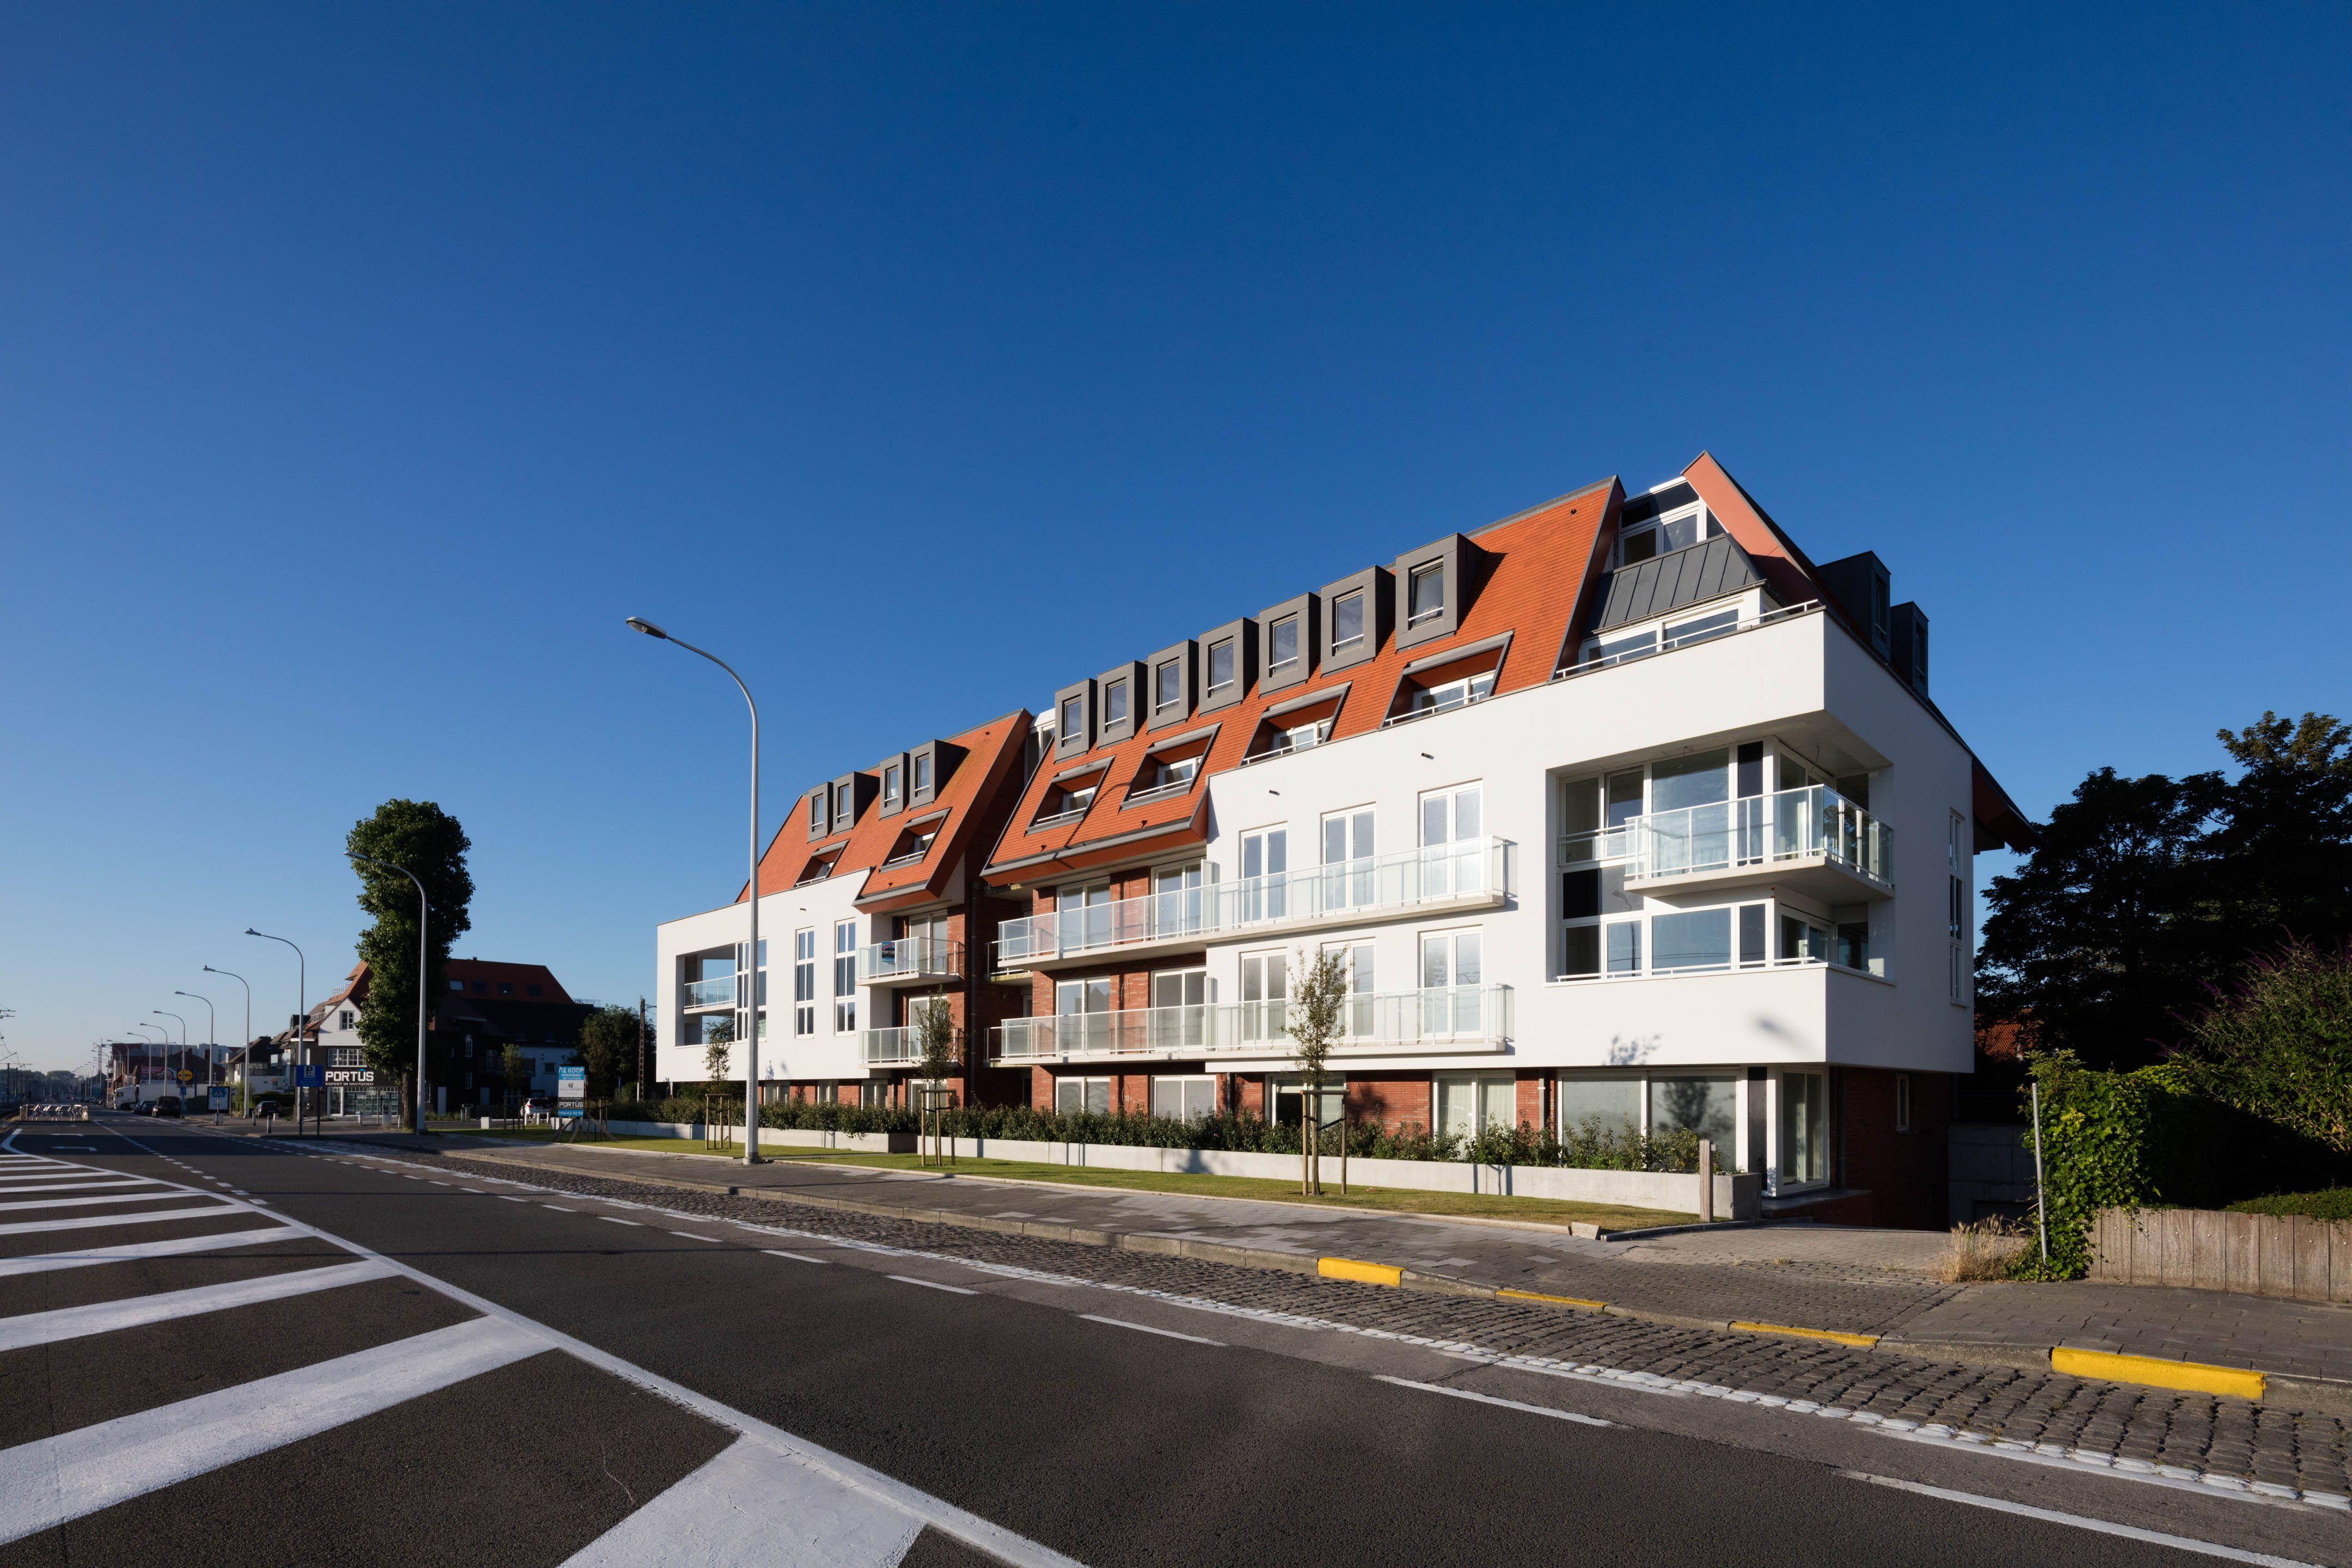 Appartement Residentie Villa Crombez Nieuwpoort - 3622